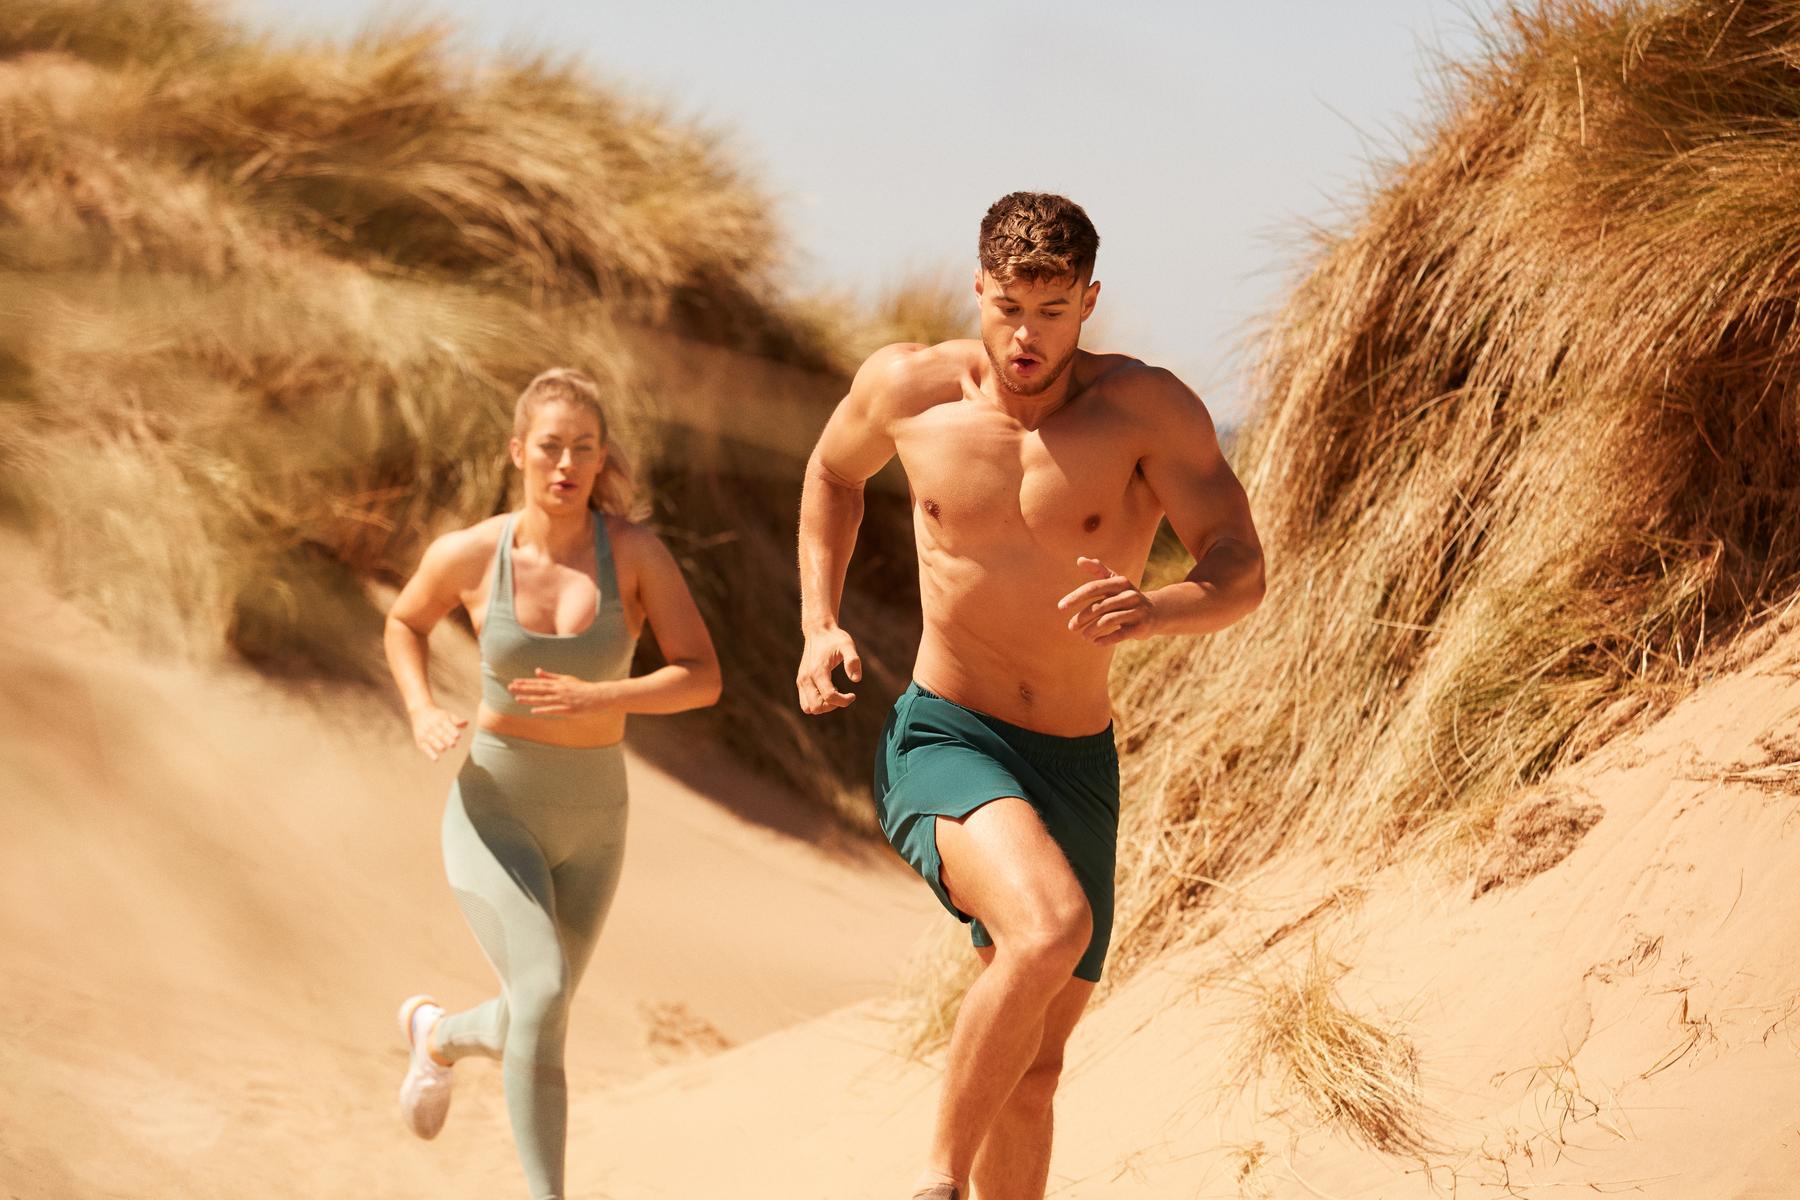 Come Correre Correttamente? | Tutto Quello Che Devi Sapere